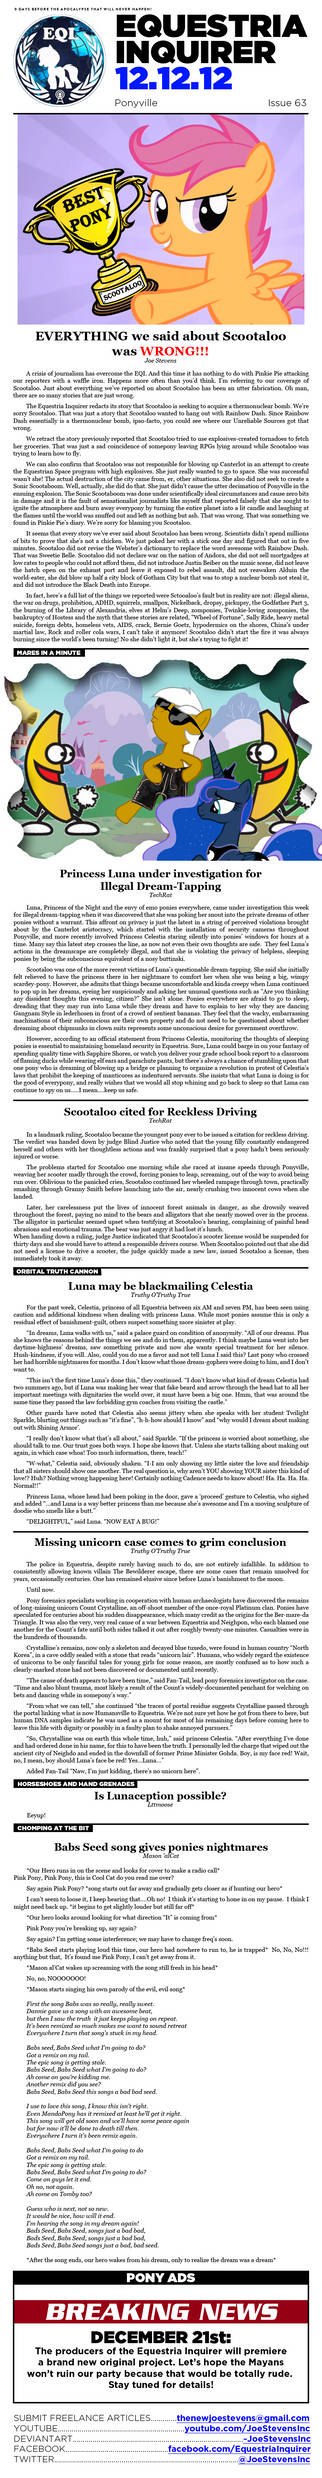 Equestria Inquirer 63